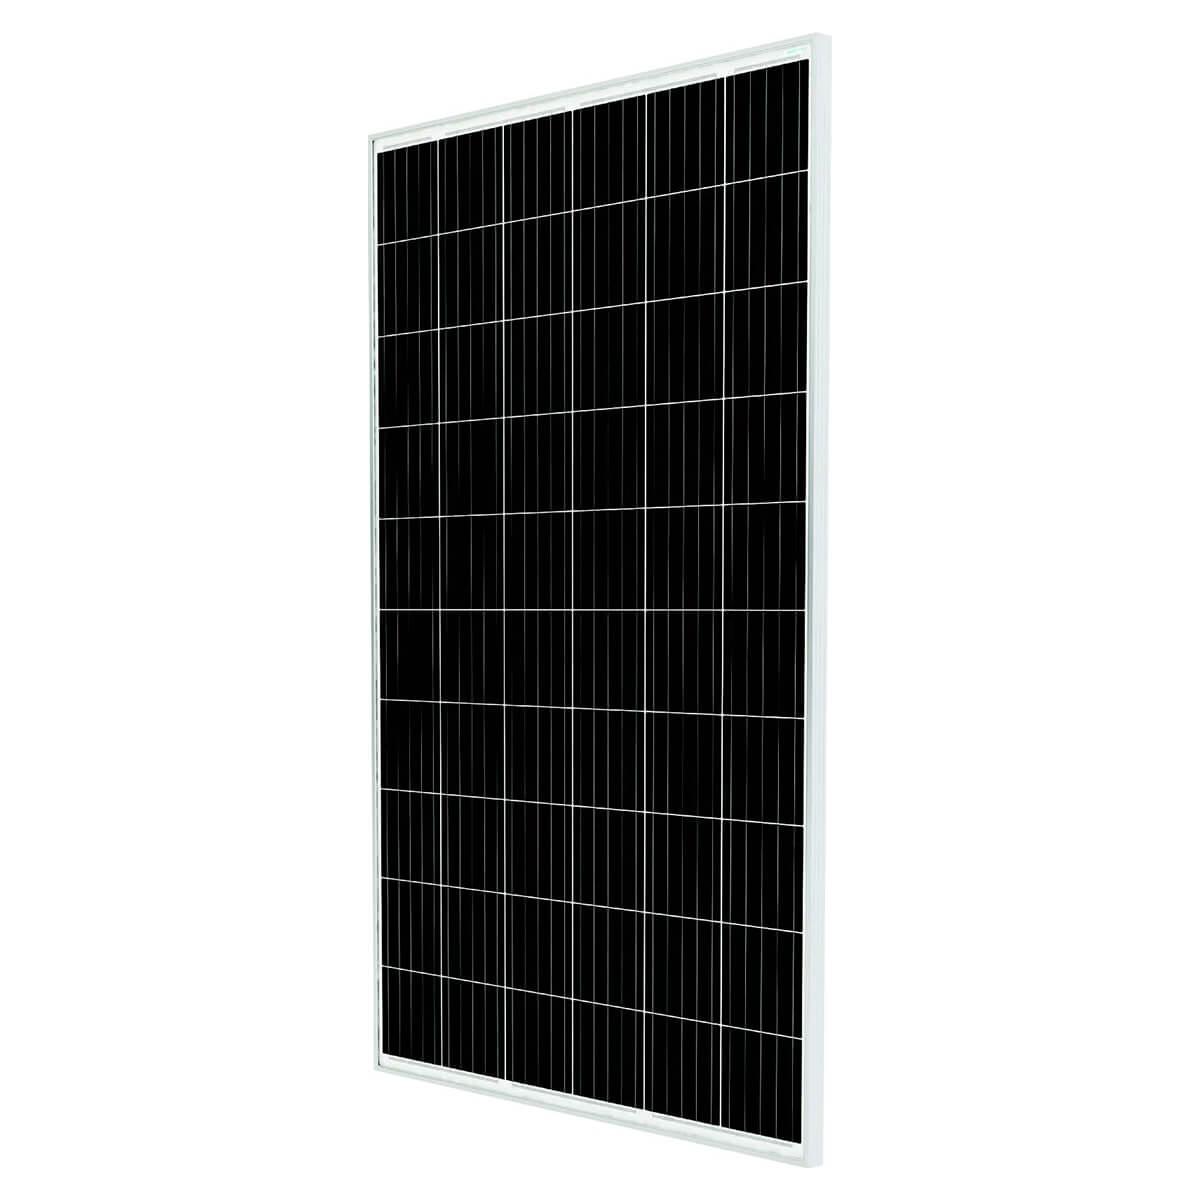 tommatech 320W panel, tommatech 320Watt panel, tommatech 320 W panel, tommatech 320 Watt panel, tommatech 320 Watt monokristal panel, tommatech 320 W watt gunes paneli, tommatech 320 W watt monokristal gunes paneli, tommatech 320 W Watt fotovoltaik monokristal solar panel, tommatech 320W monokristal gunes enerjisi, tommatech TT320-60PM-320W panel, TOMMATECH 320 WATT